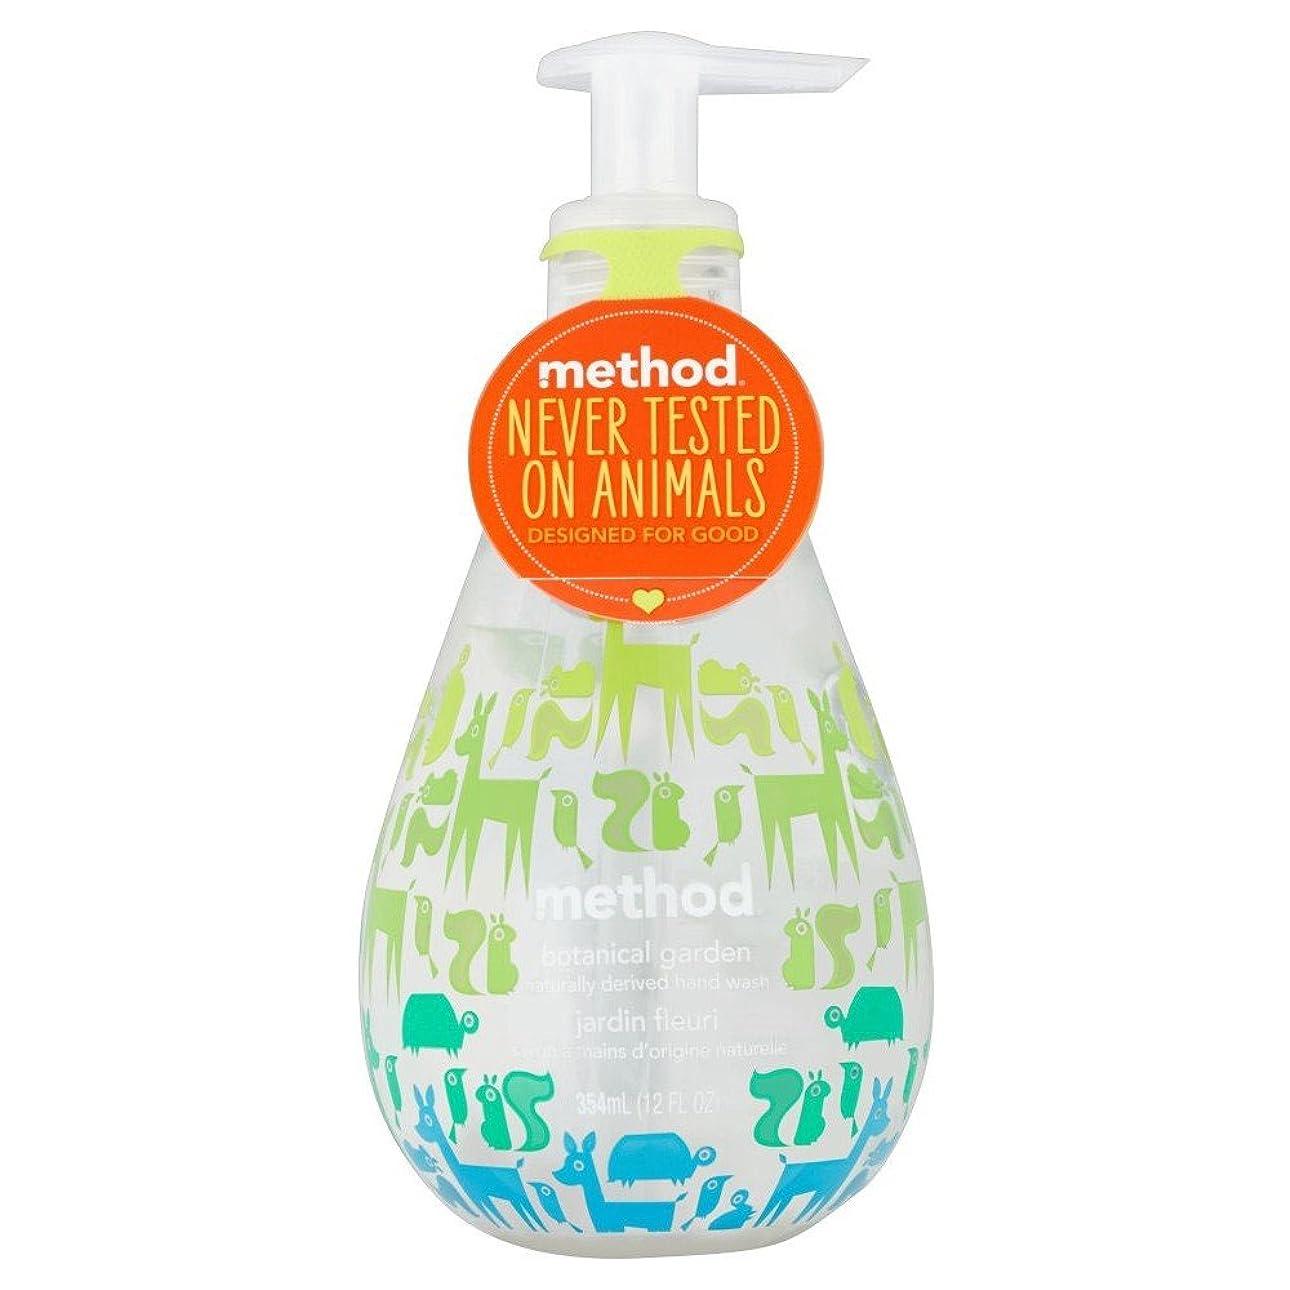 サイクルおなかがすいた傭兵Method Hand Wash - Botanical Garden (354ml) メソッドハンドウォッシュ - 植物園( 354ミリリットル) [並行輸入品]